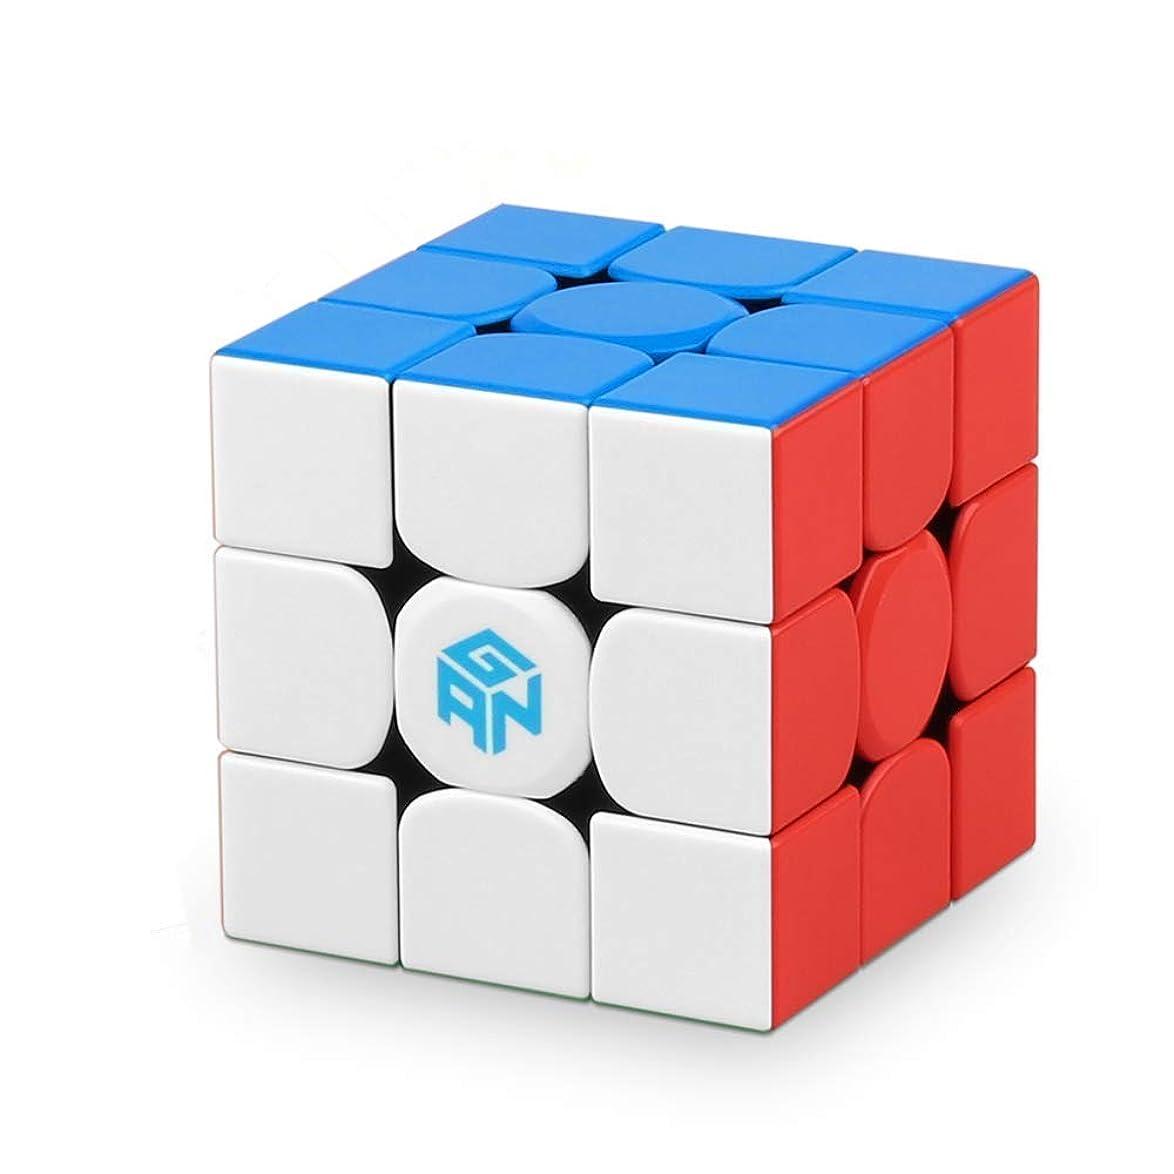 望ましいシンボル完全にCACUSN スピードキューブ 2個セット(3×3、3×3) 世界配色ver.2.1 スムーズ